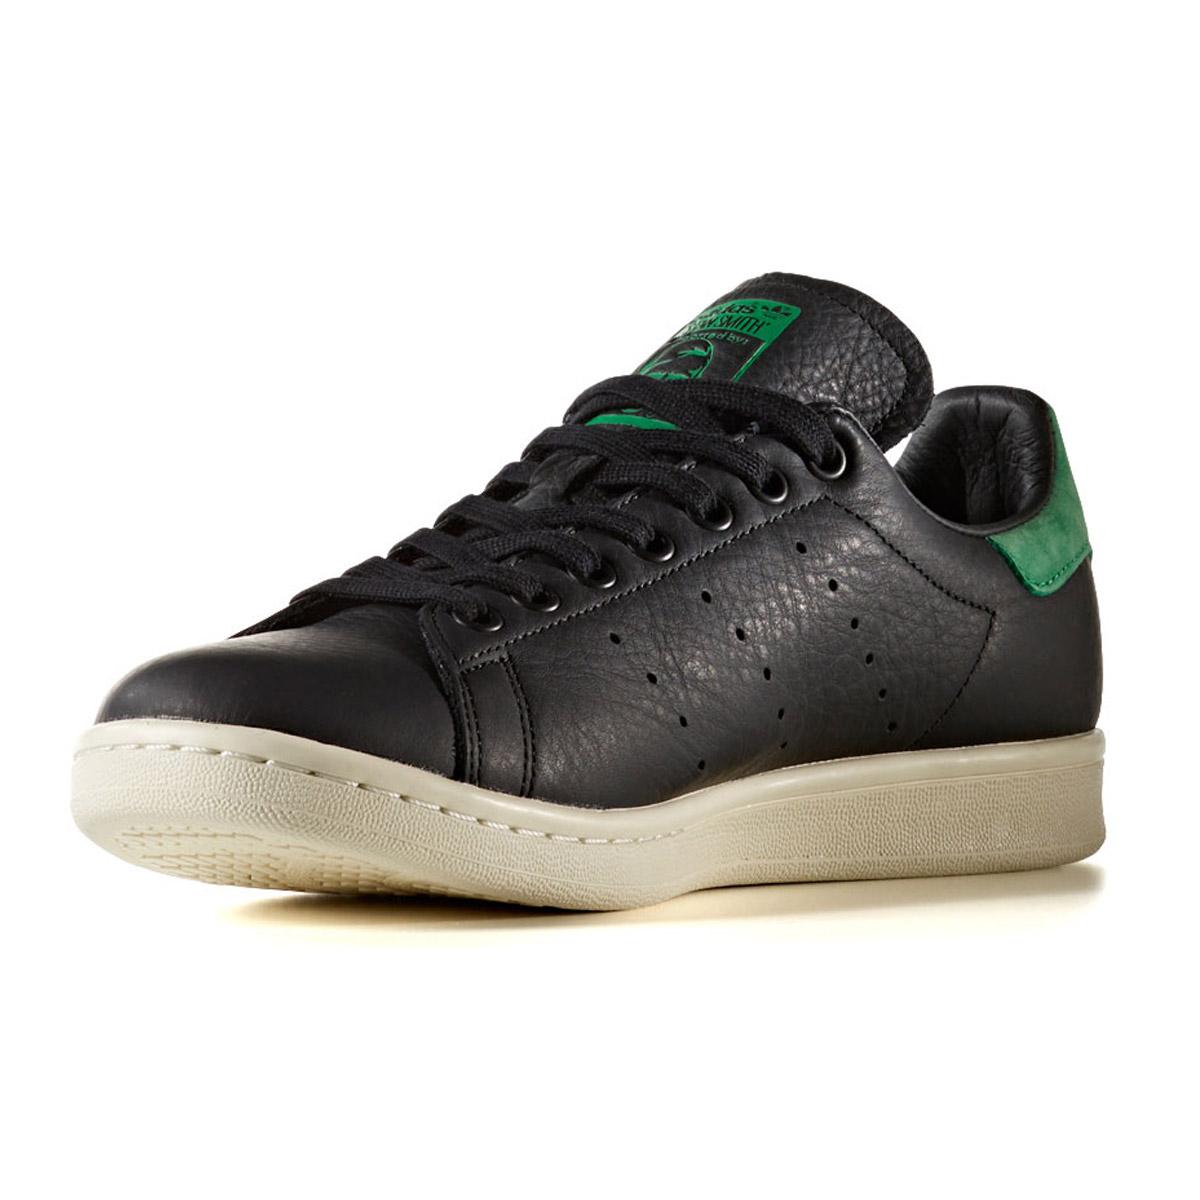 official photos 12011 ea022 adidas Originals STAN SMITH (Adidas originals Stan Smith) CORE BLACK/CORE  BLACK/GREEN 17FW-I